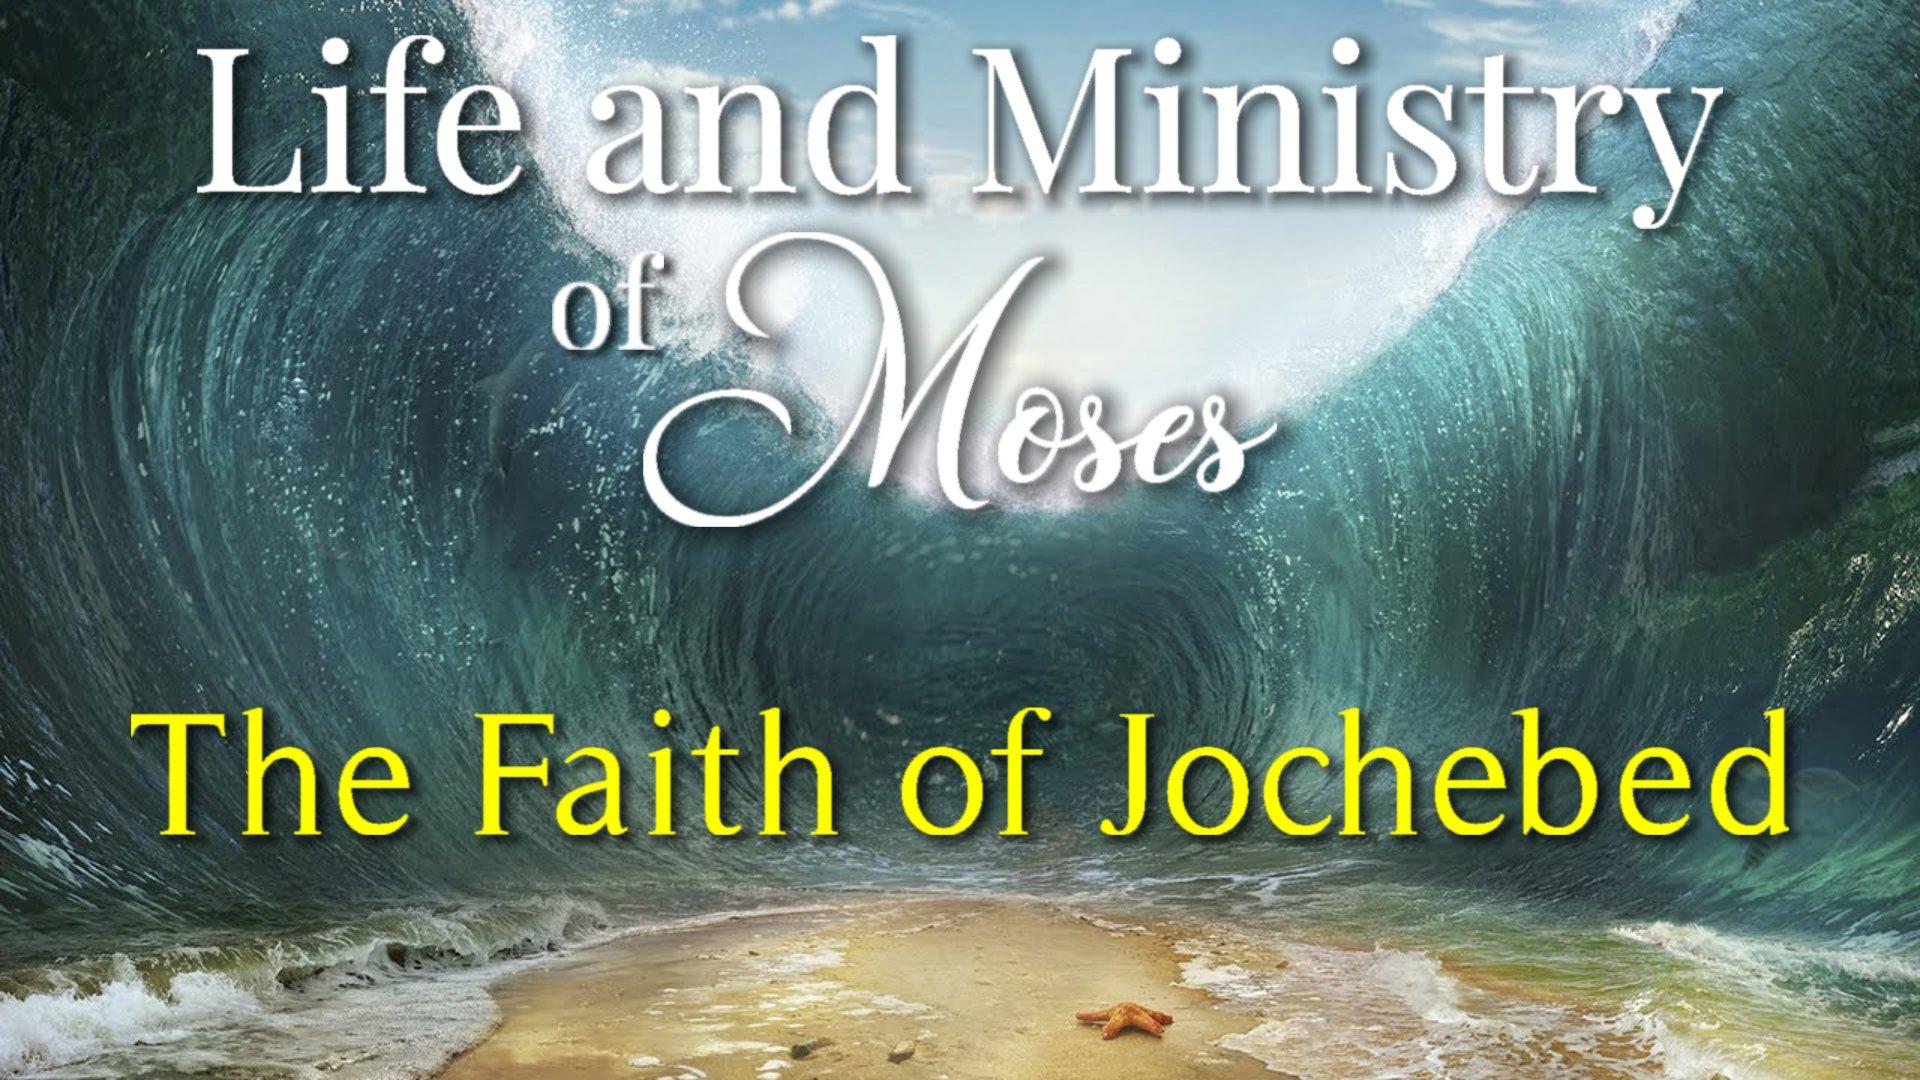 02 The Faith of Jochebed